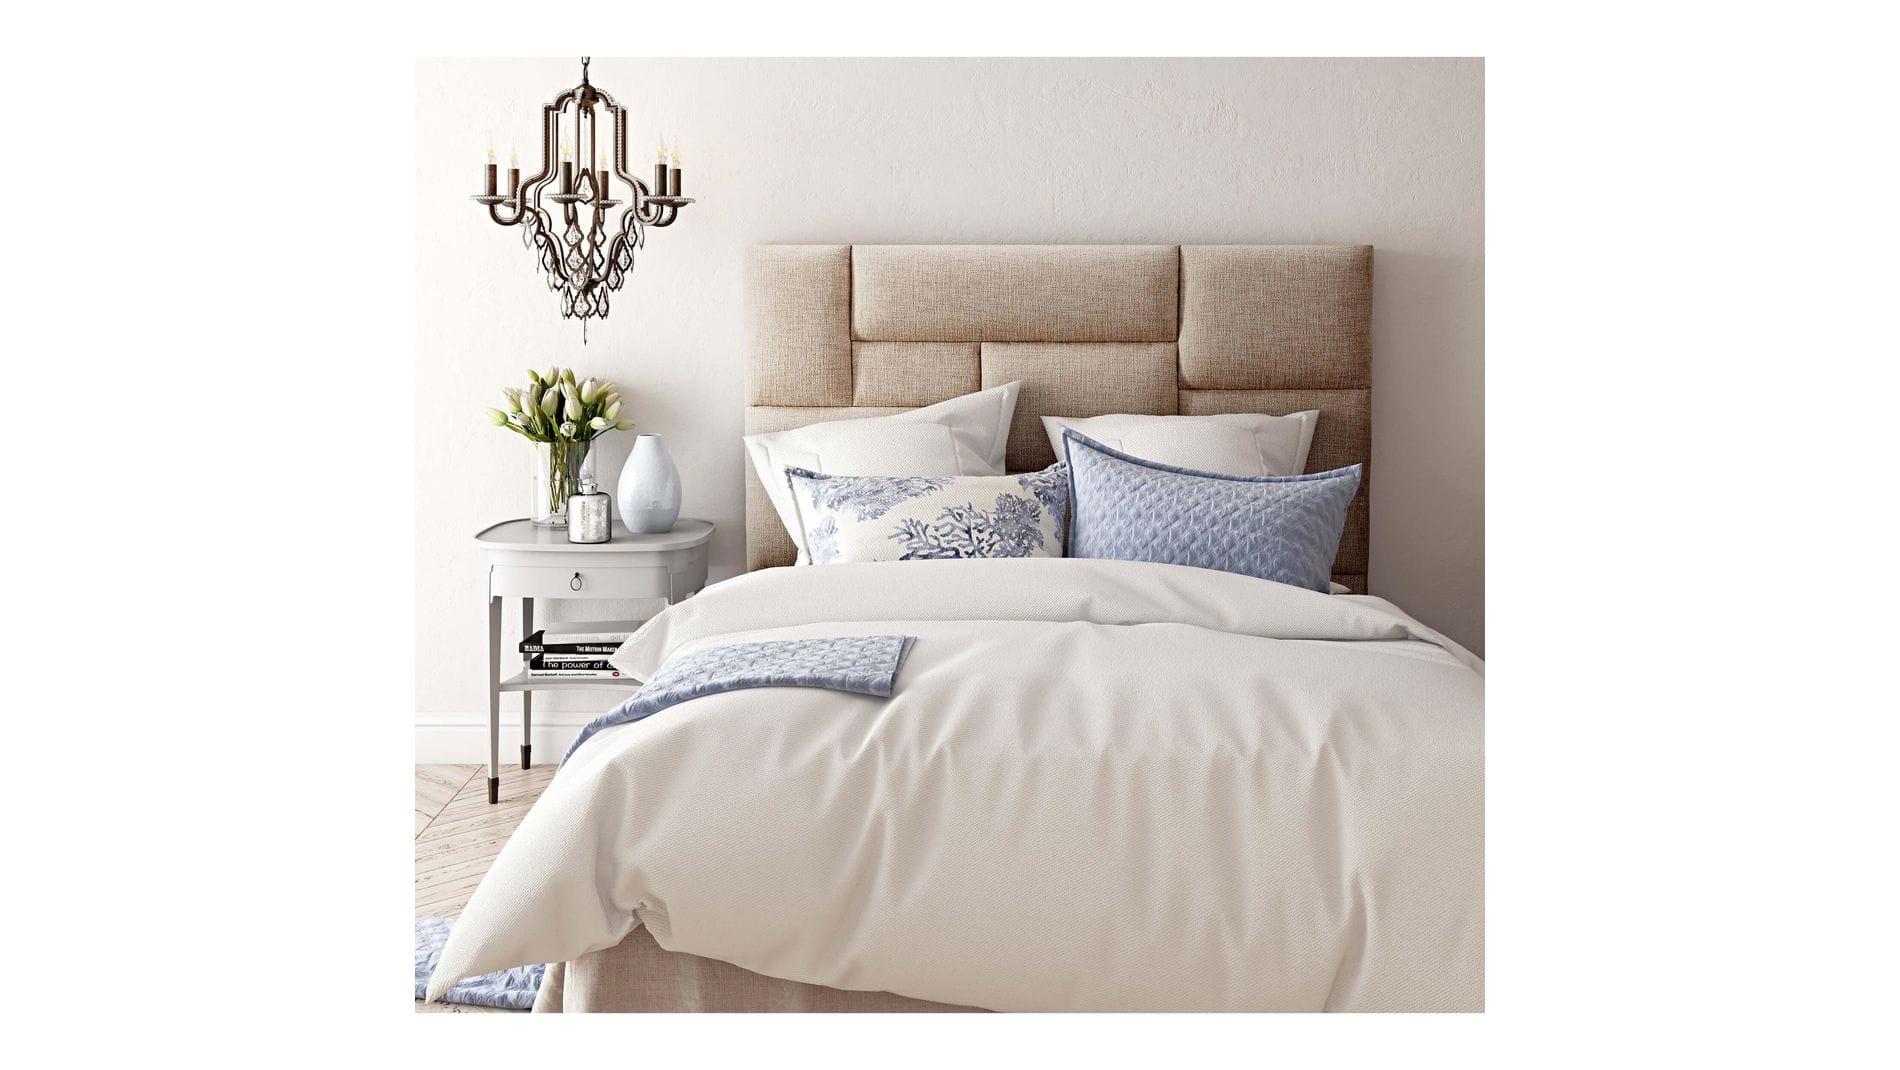 Кровать Wax 160х200 Бежевый Р